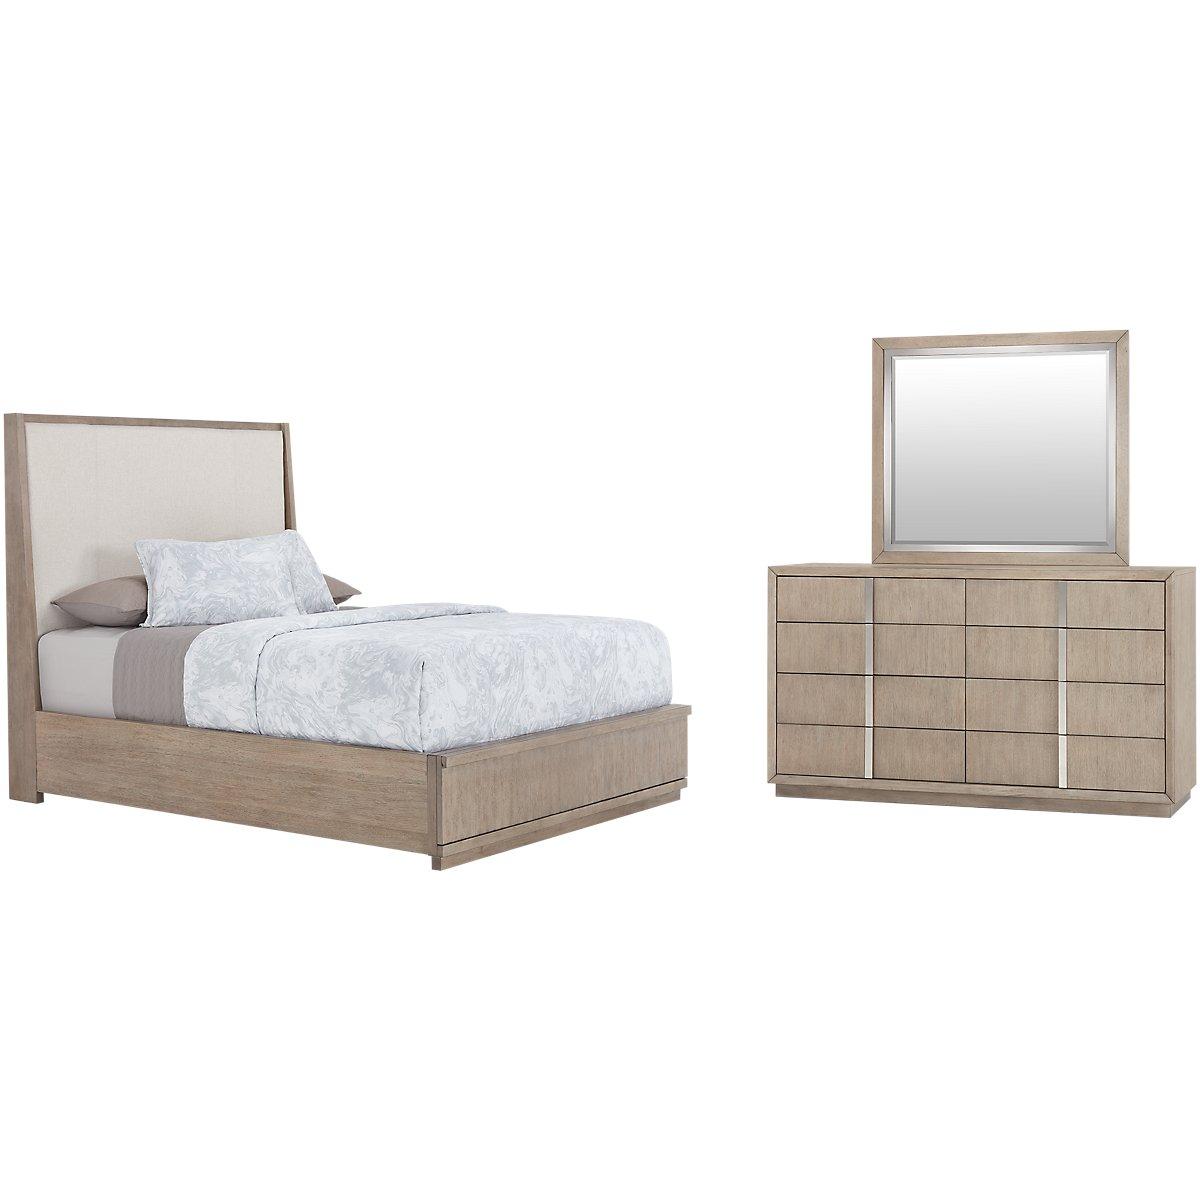 City Furniture Gramercy Light Tone Upholstered Platform Bedroom